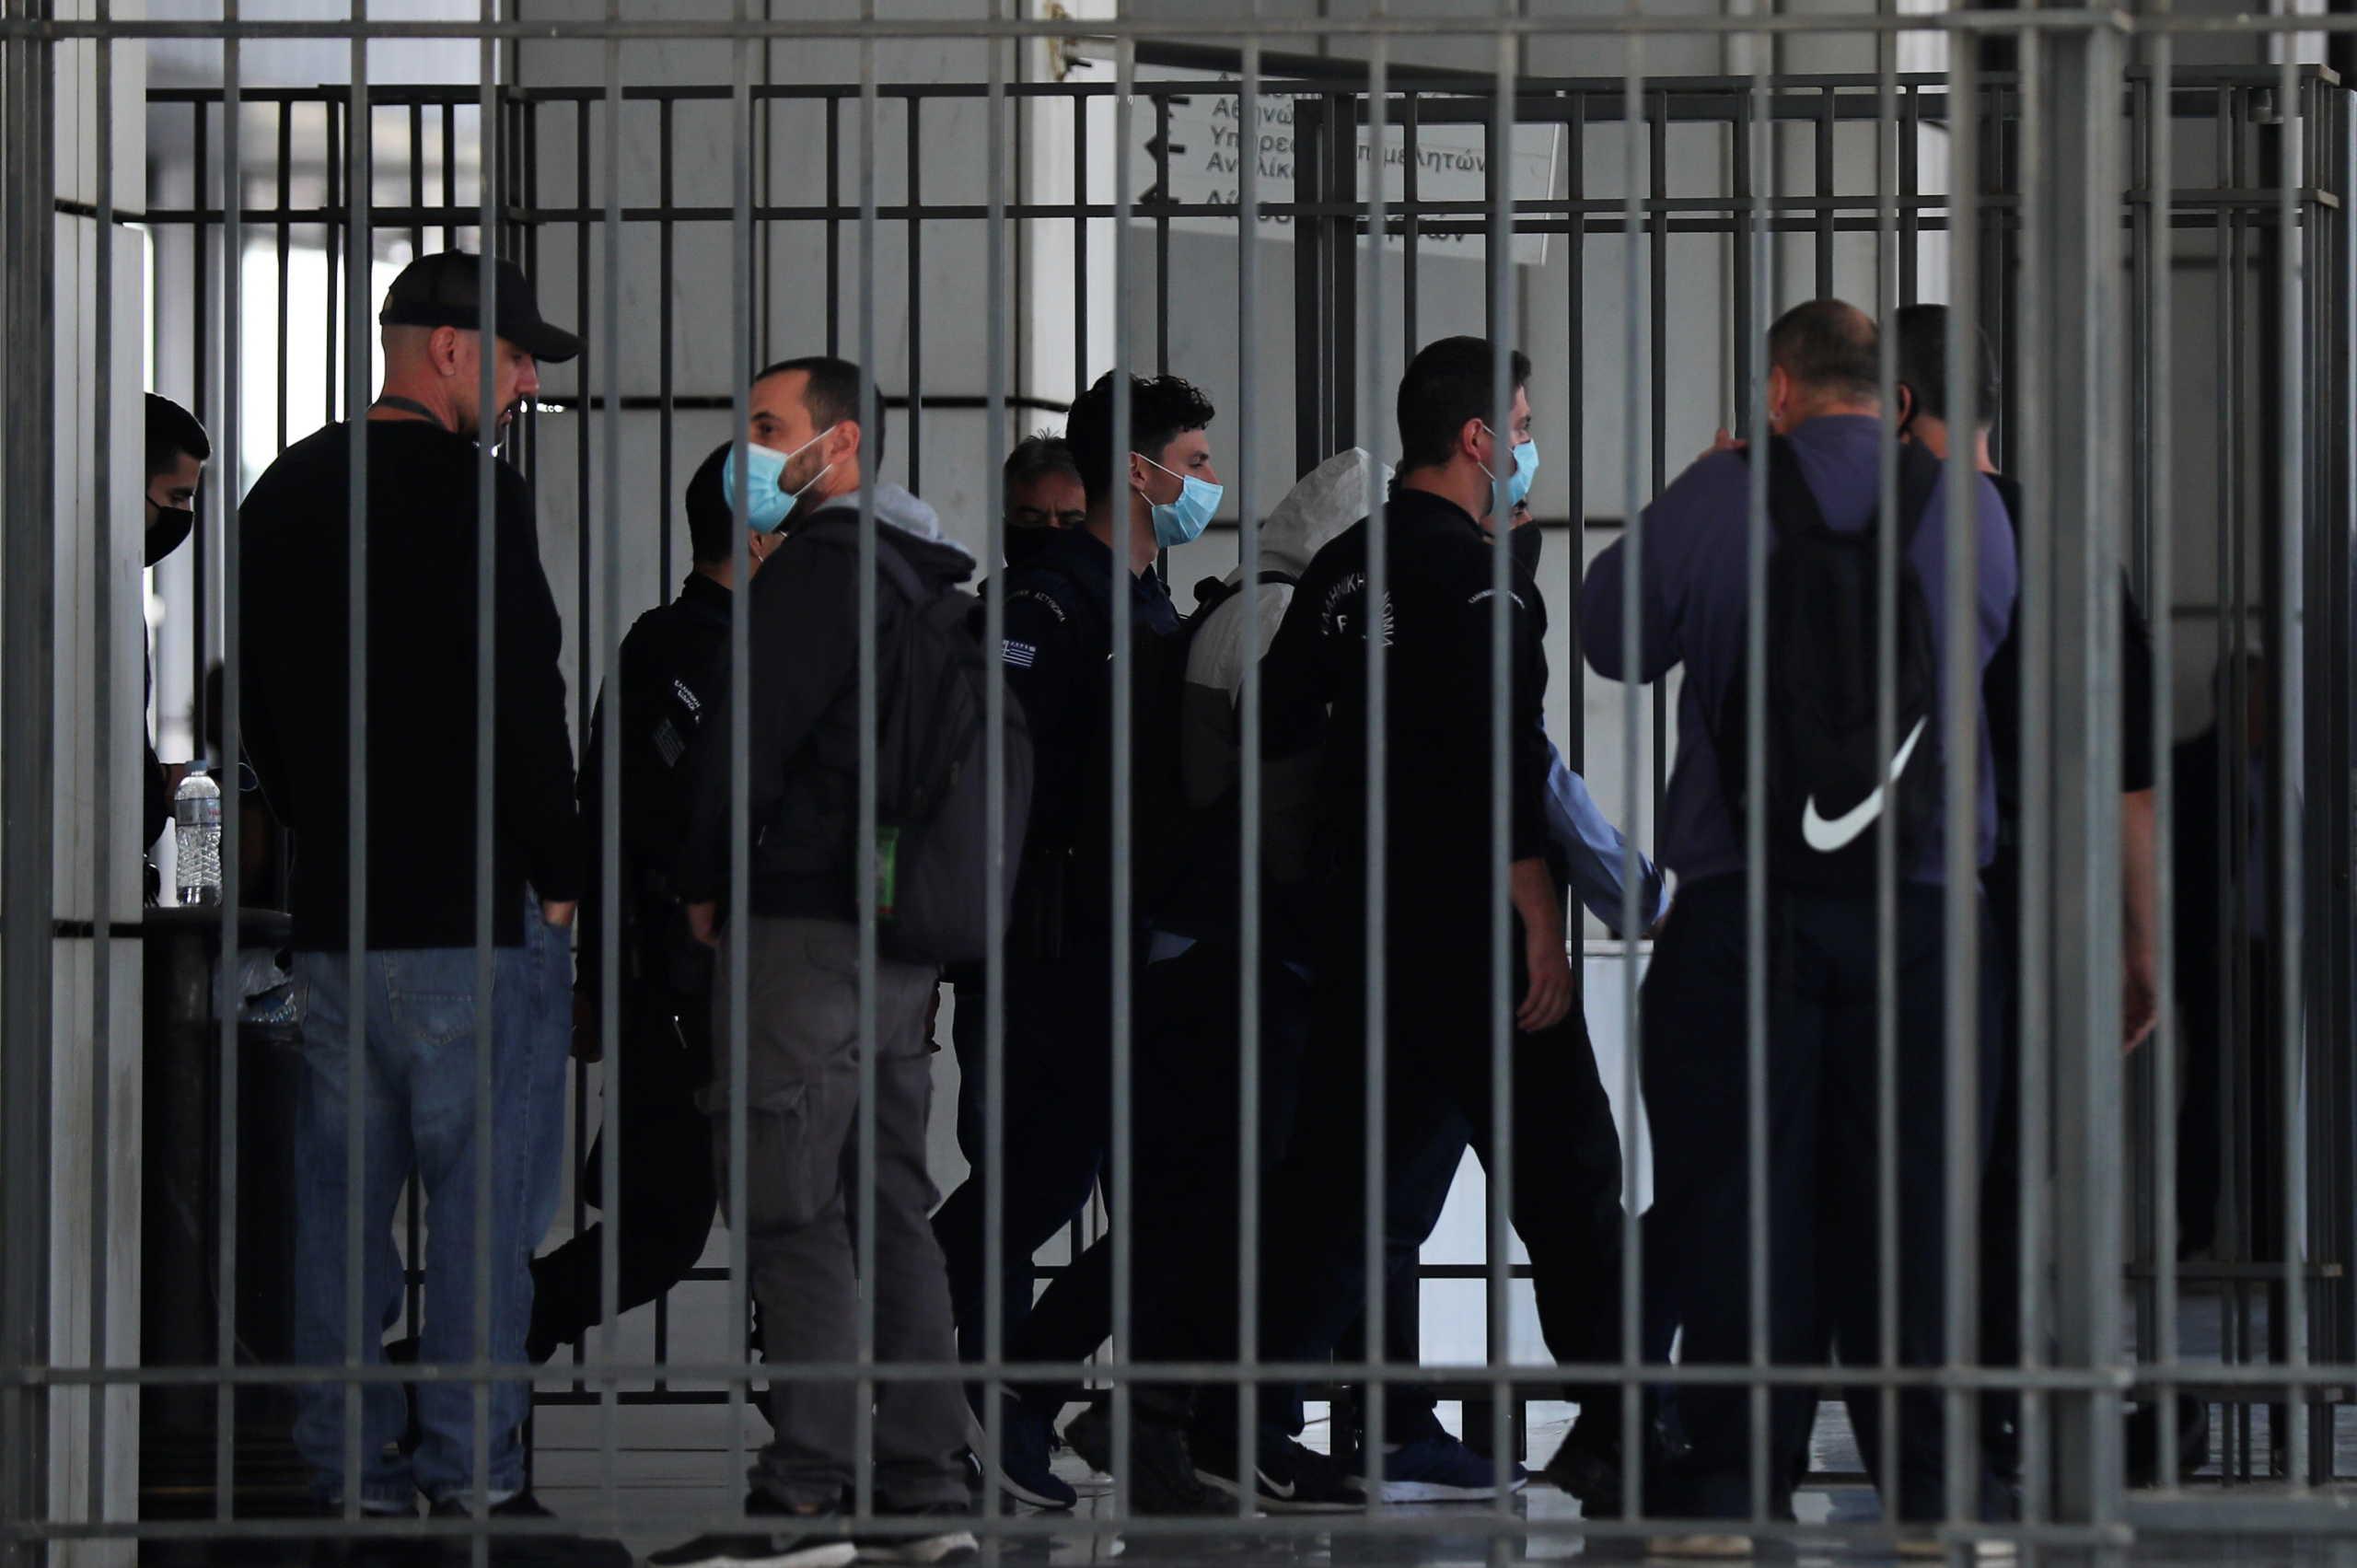 Η Χρυσή Αυγή στη φυλακή: Ιστορική απόφαση - Κασιδιάρης ο πρώτος που παραδόθηκε